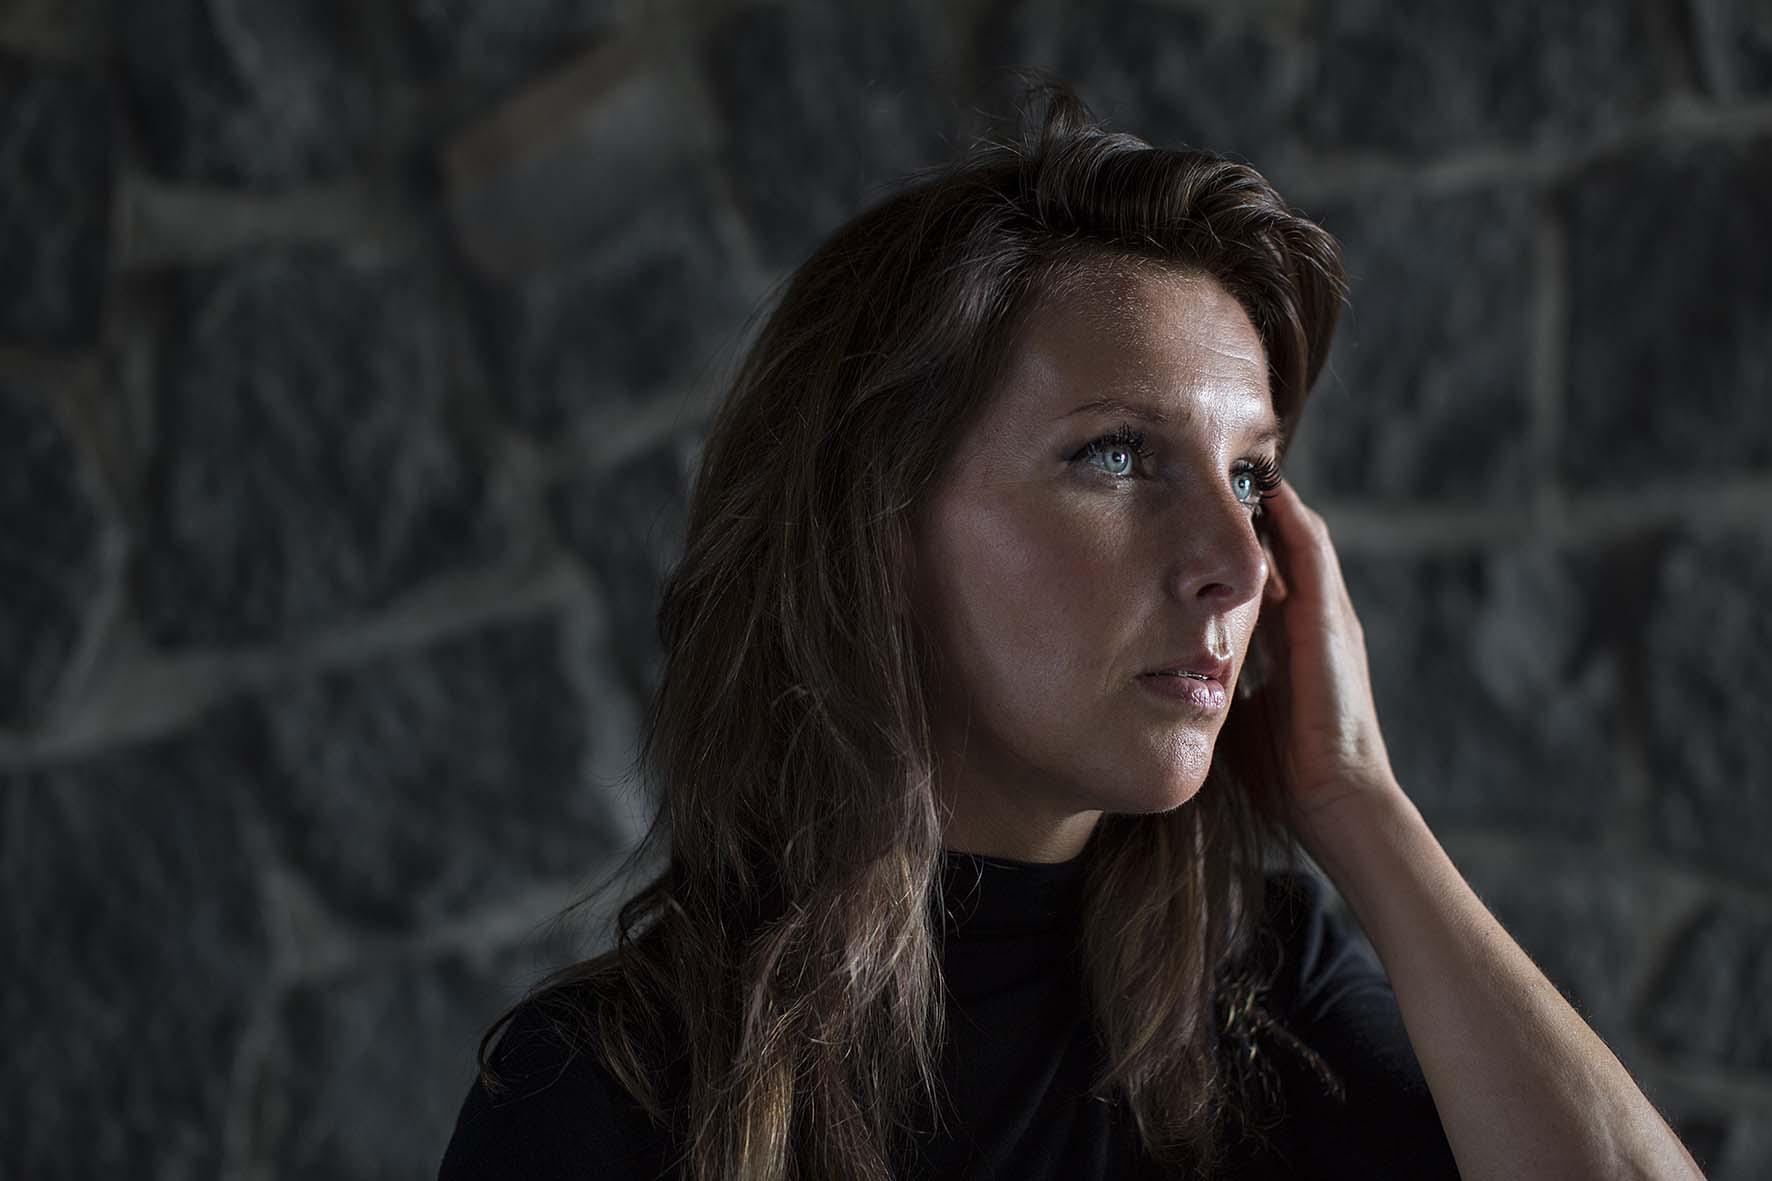 Femke vertelt Alles Goed over haar depressie.